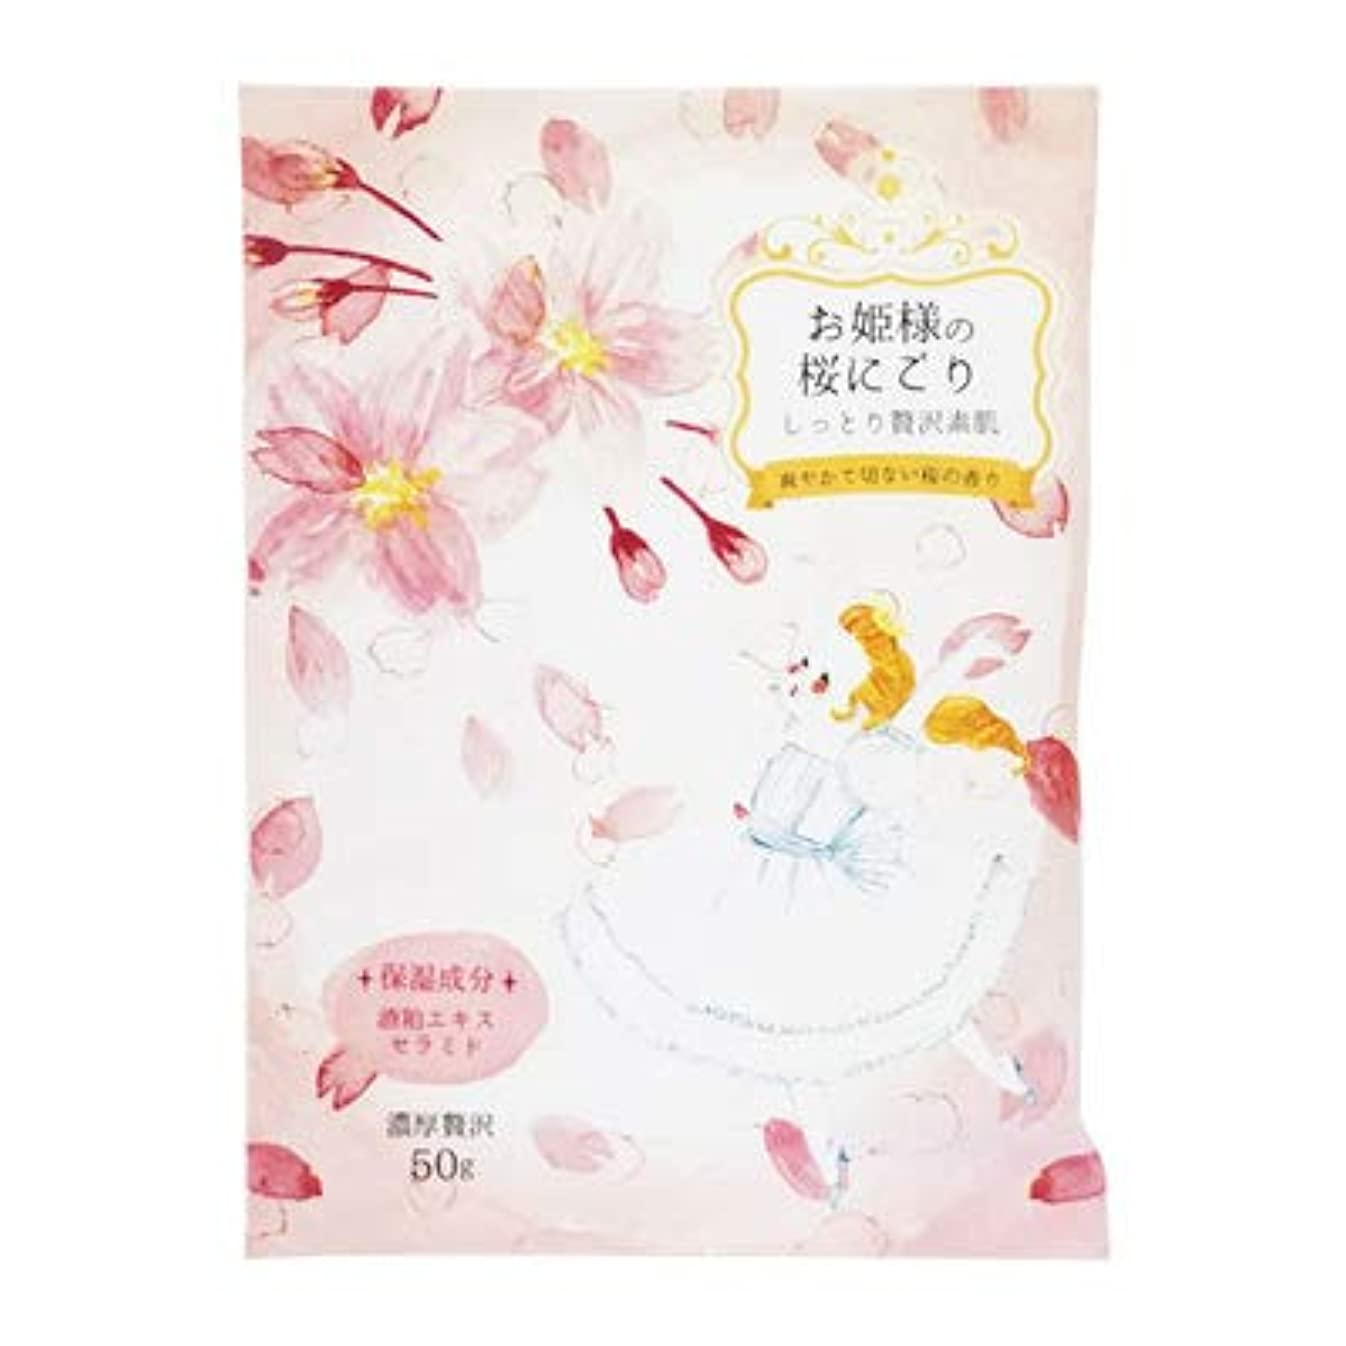 リース震える傘【まとめ買い3個セット】 お姫様風呂 桜にごり